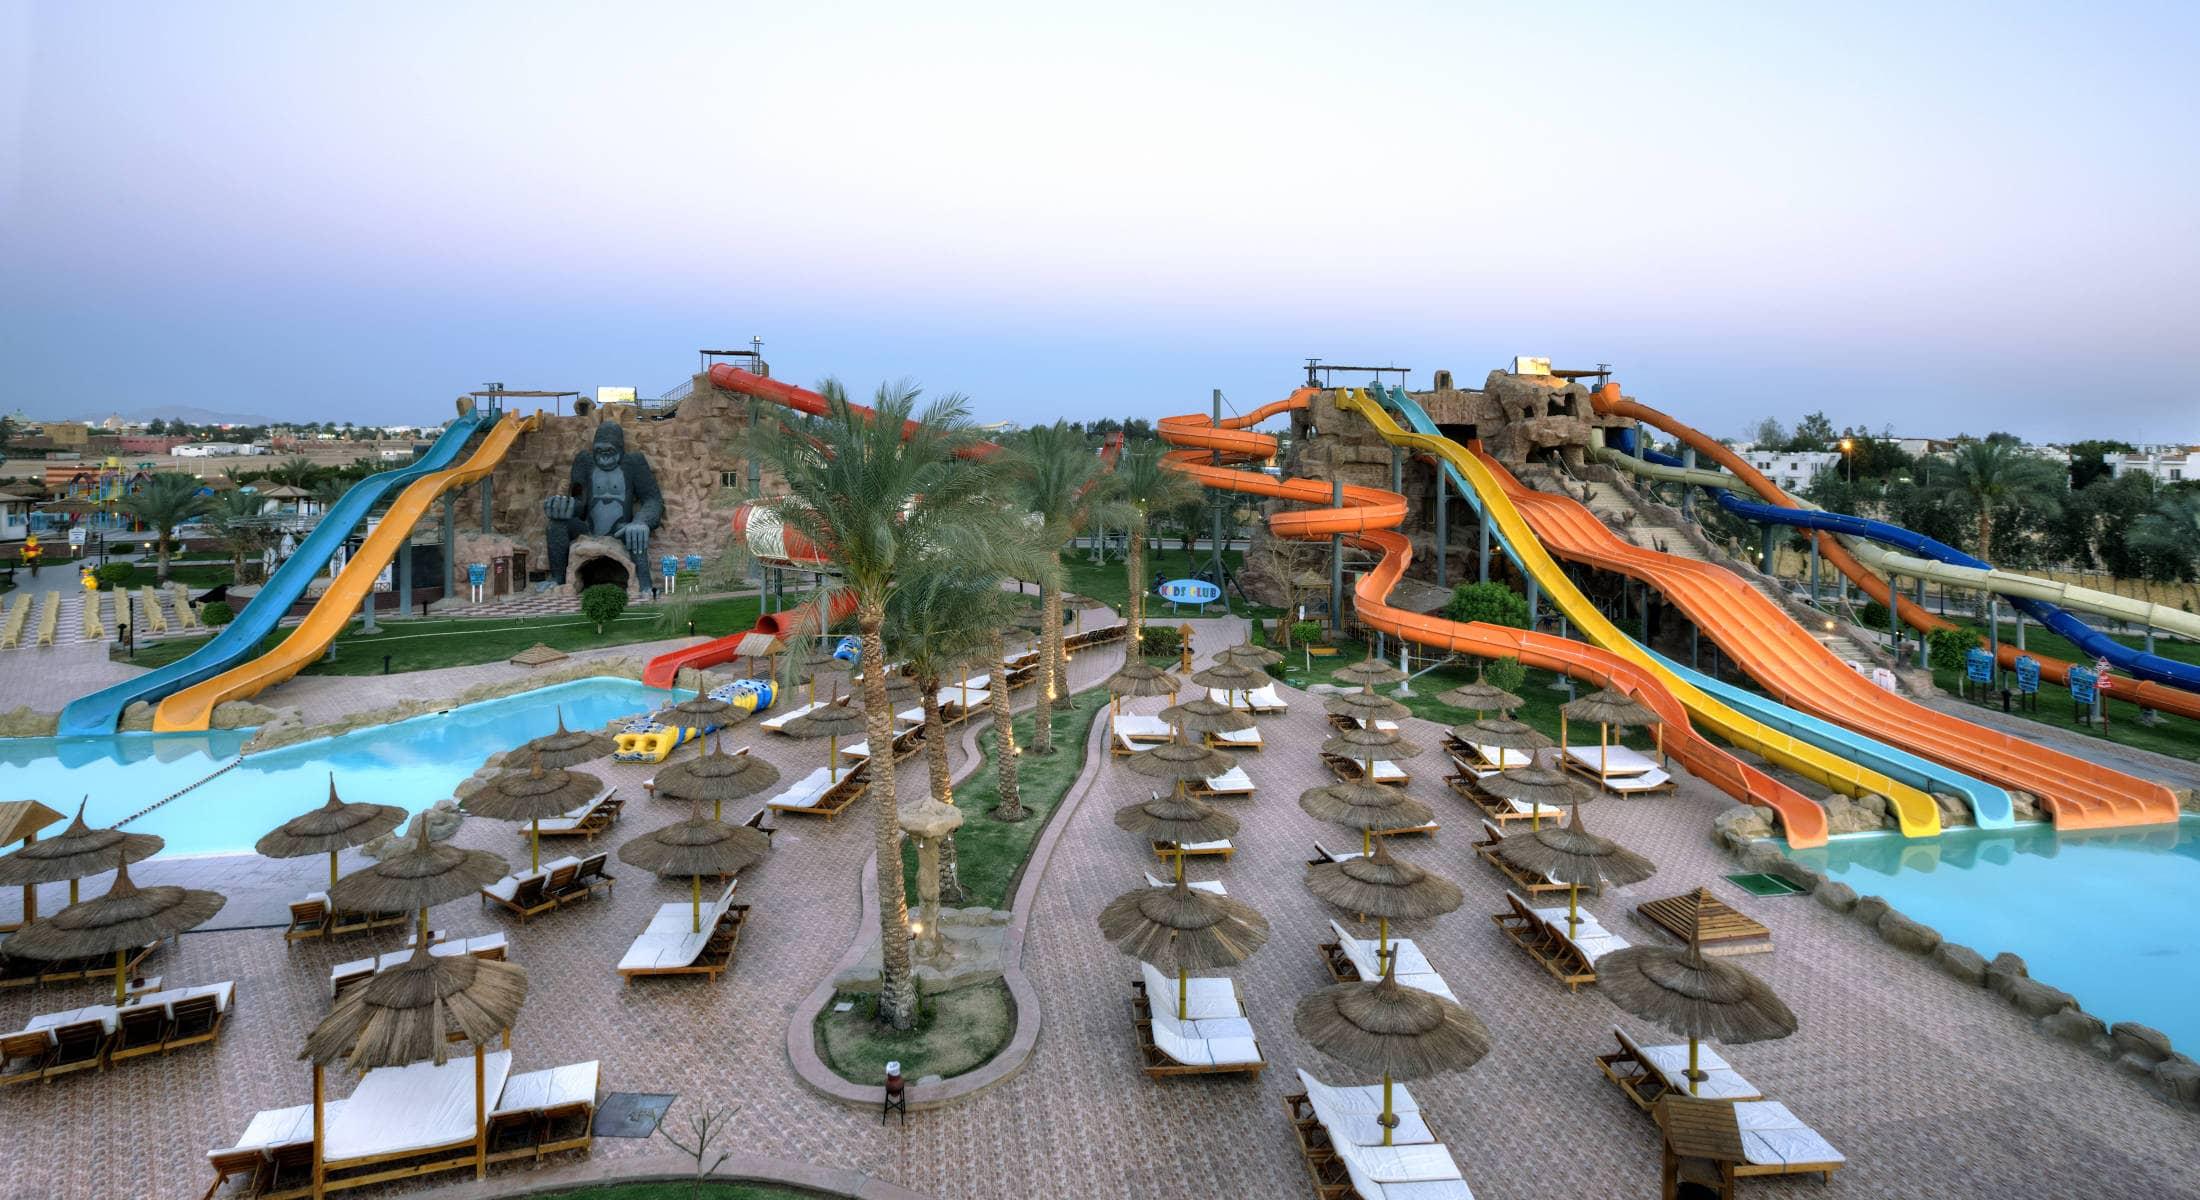 Отели и Курорт - Aqua Blu Resort - Pickalbatros Hotels & Resort в Египте